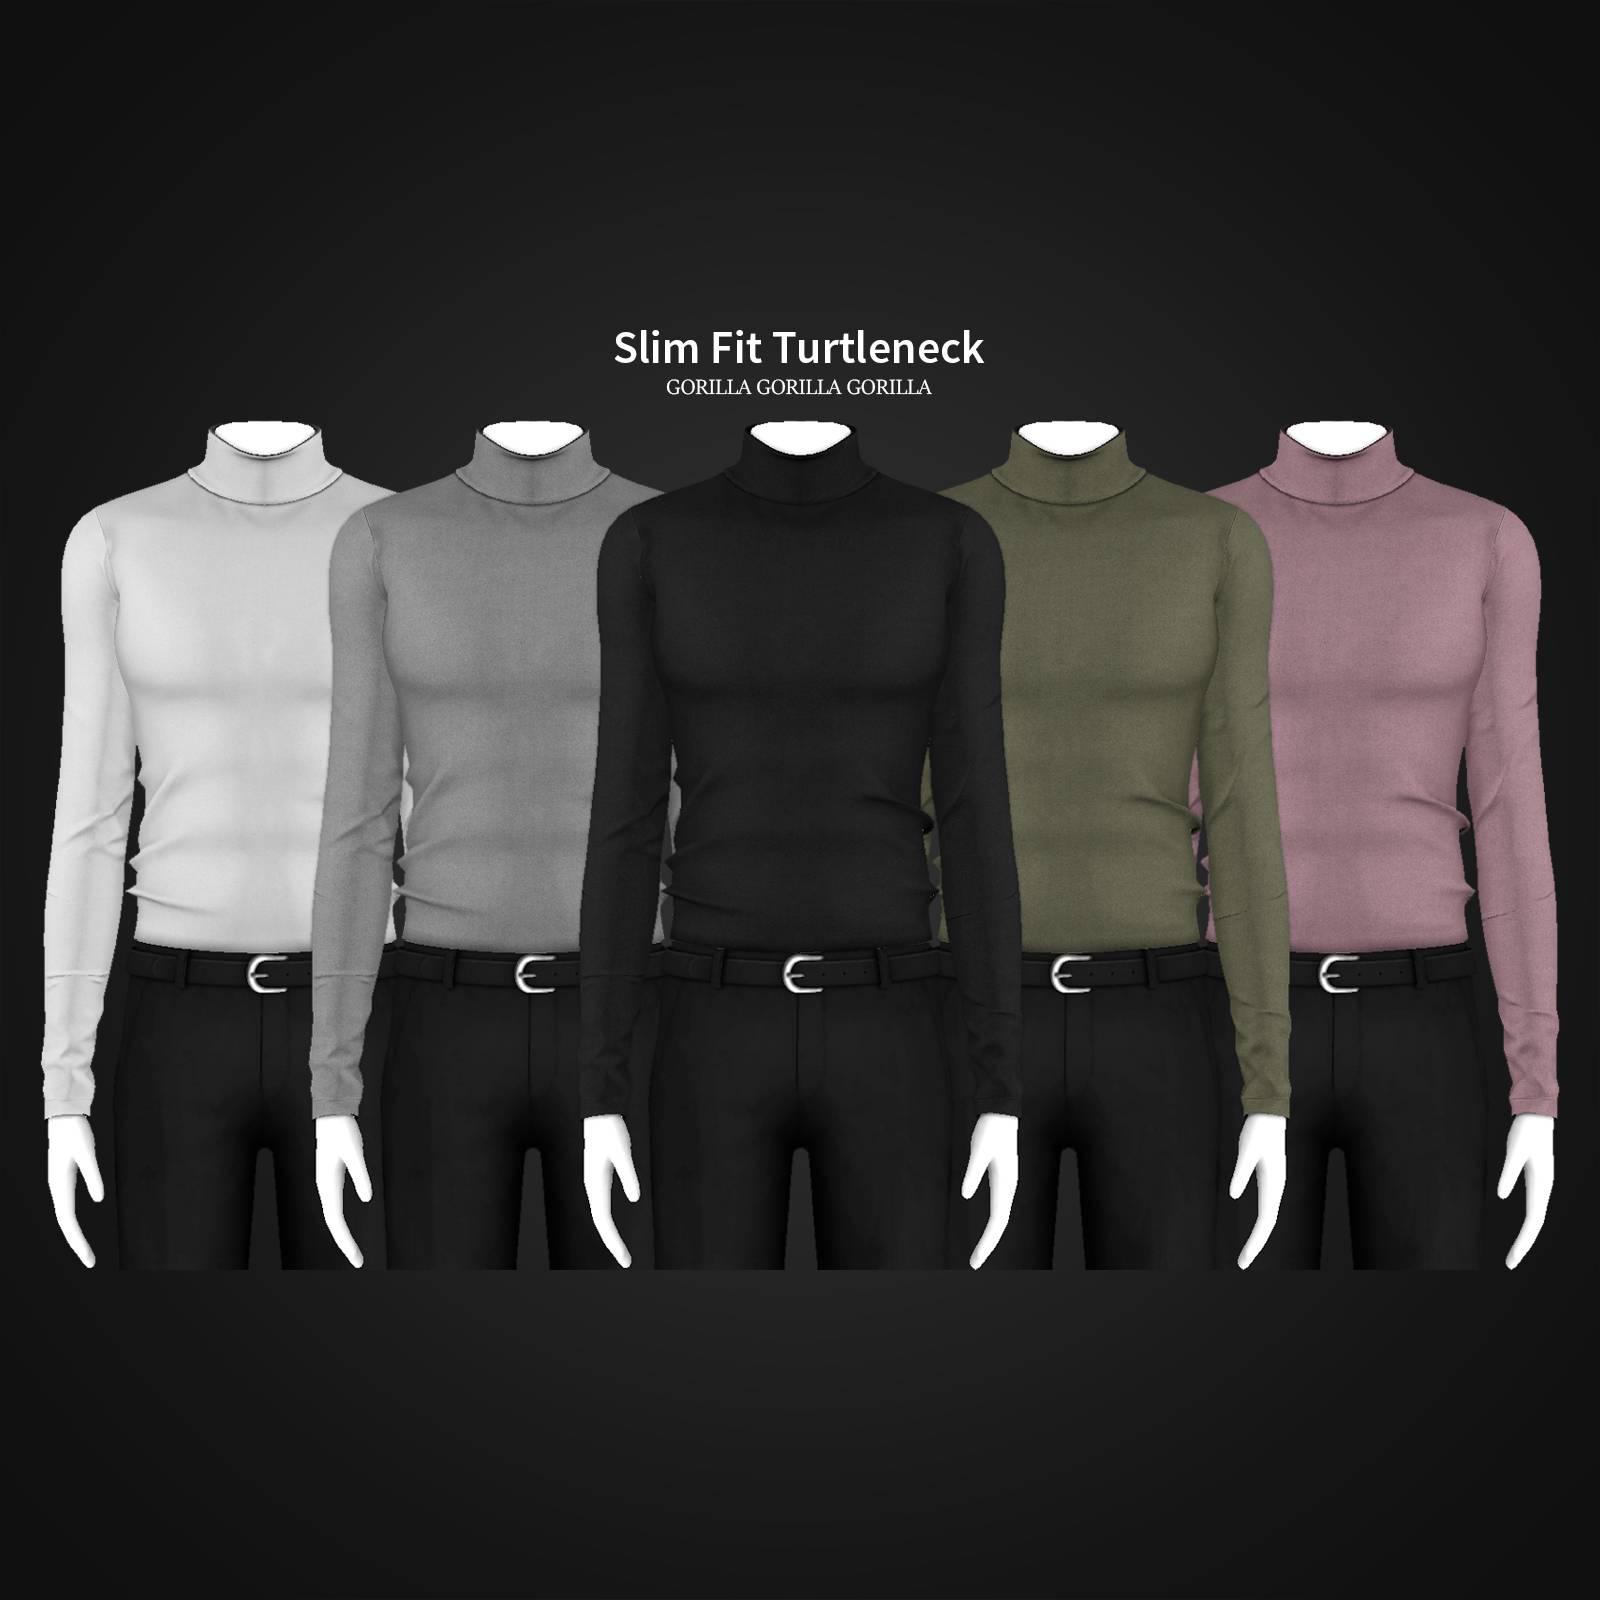 Водолазка и брюки - Slim Fit Turtleneck